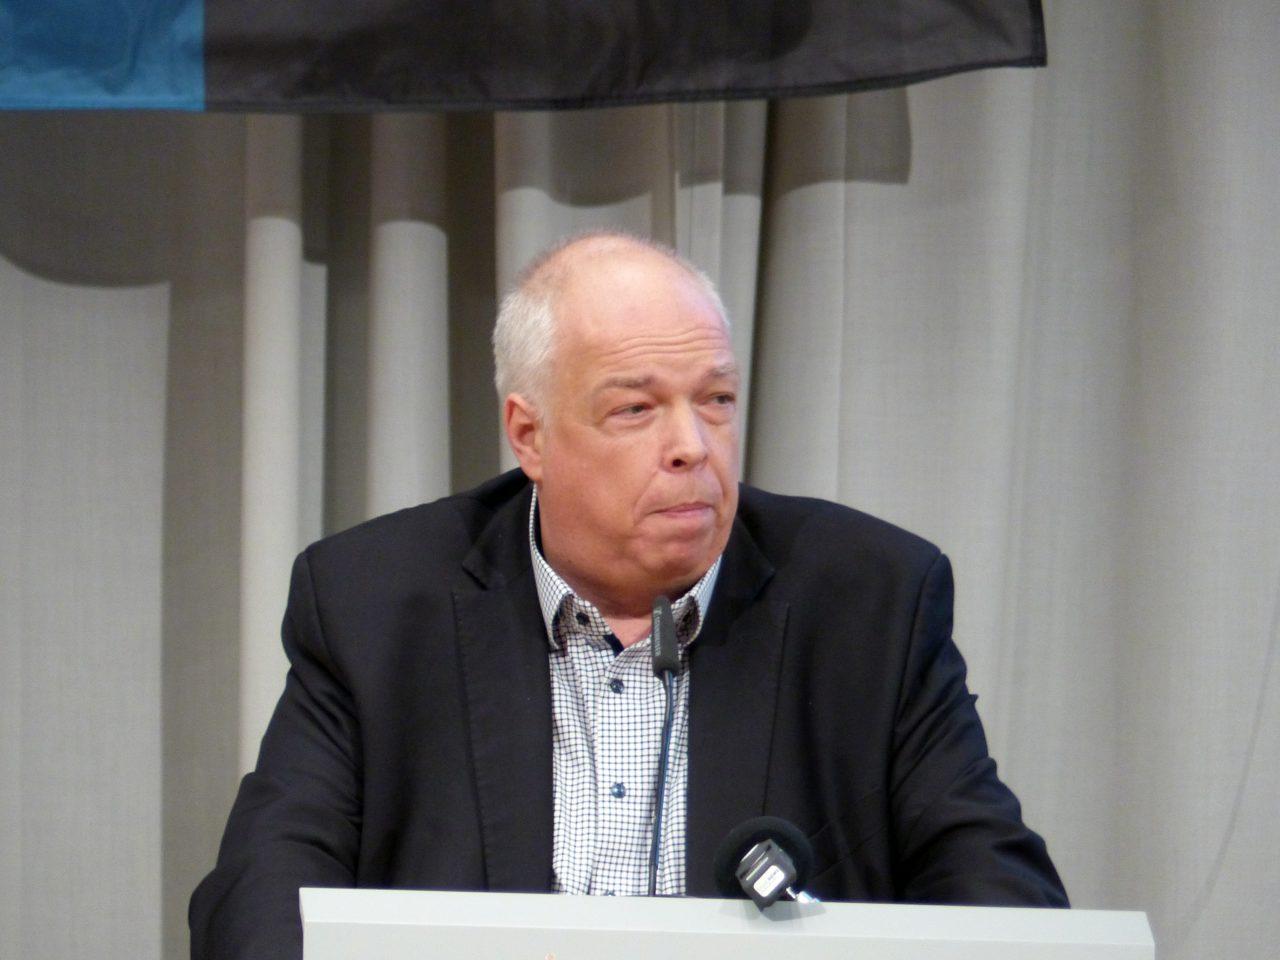 Dirk Klein, Präsident des FC Wiesbach, fand keine überzeugenden Argumente für seine Wahl.